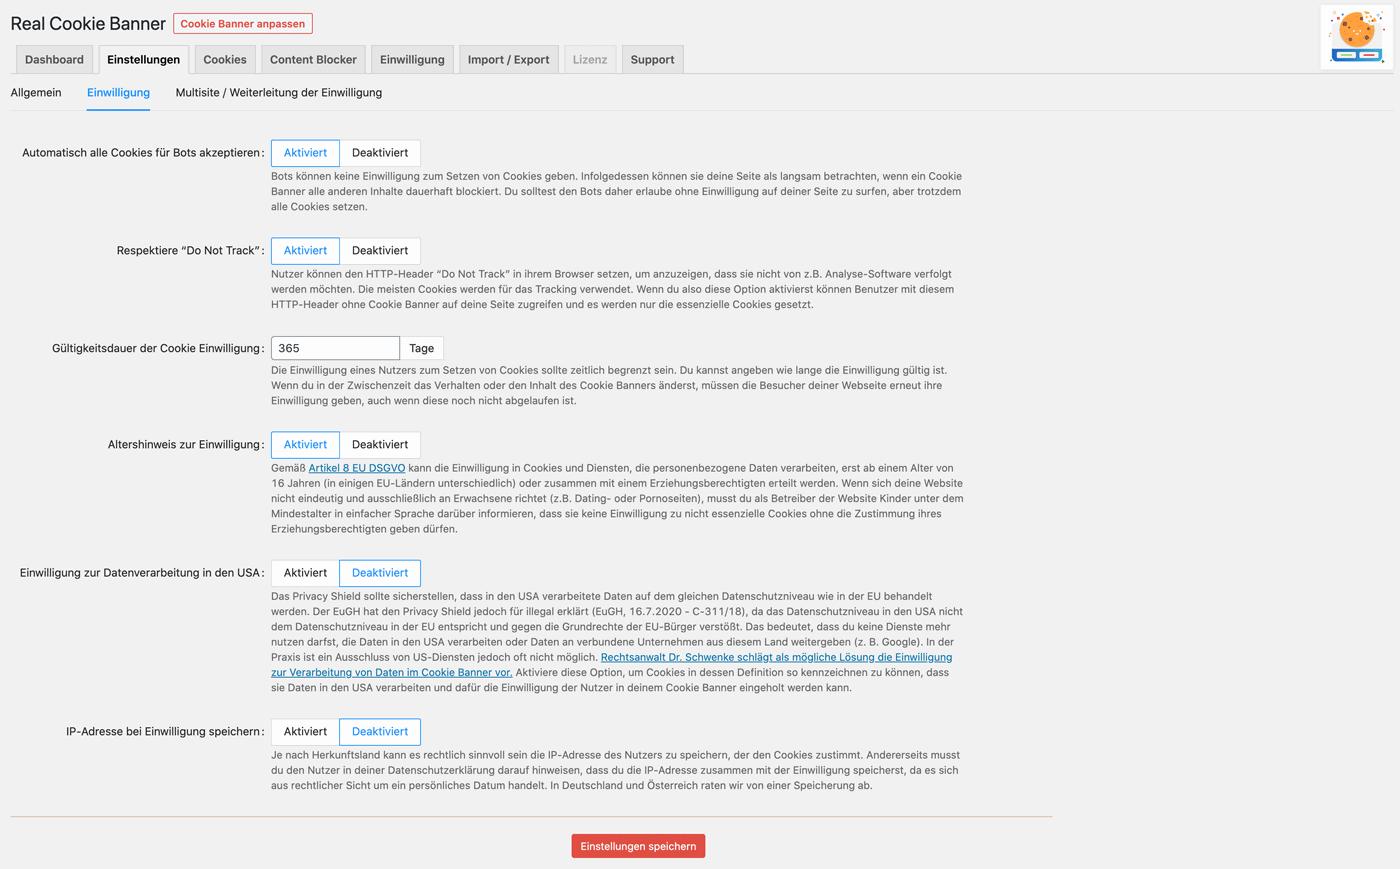 Hinweistexte zu rechtlichen und technischen Dingen im Real Cookie Banner WordPress Plugin